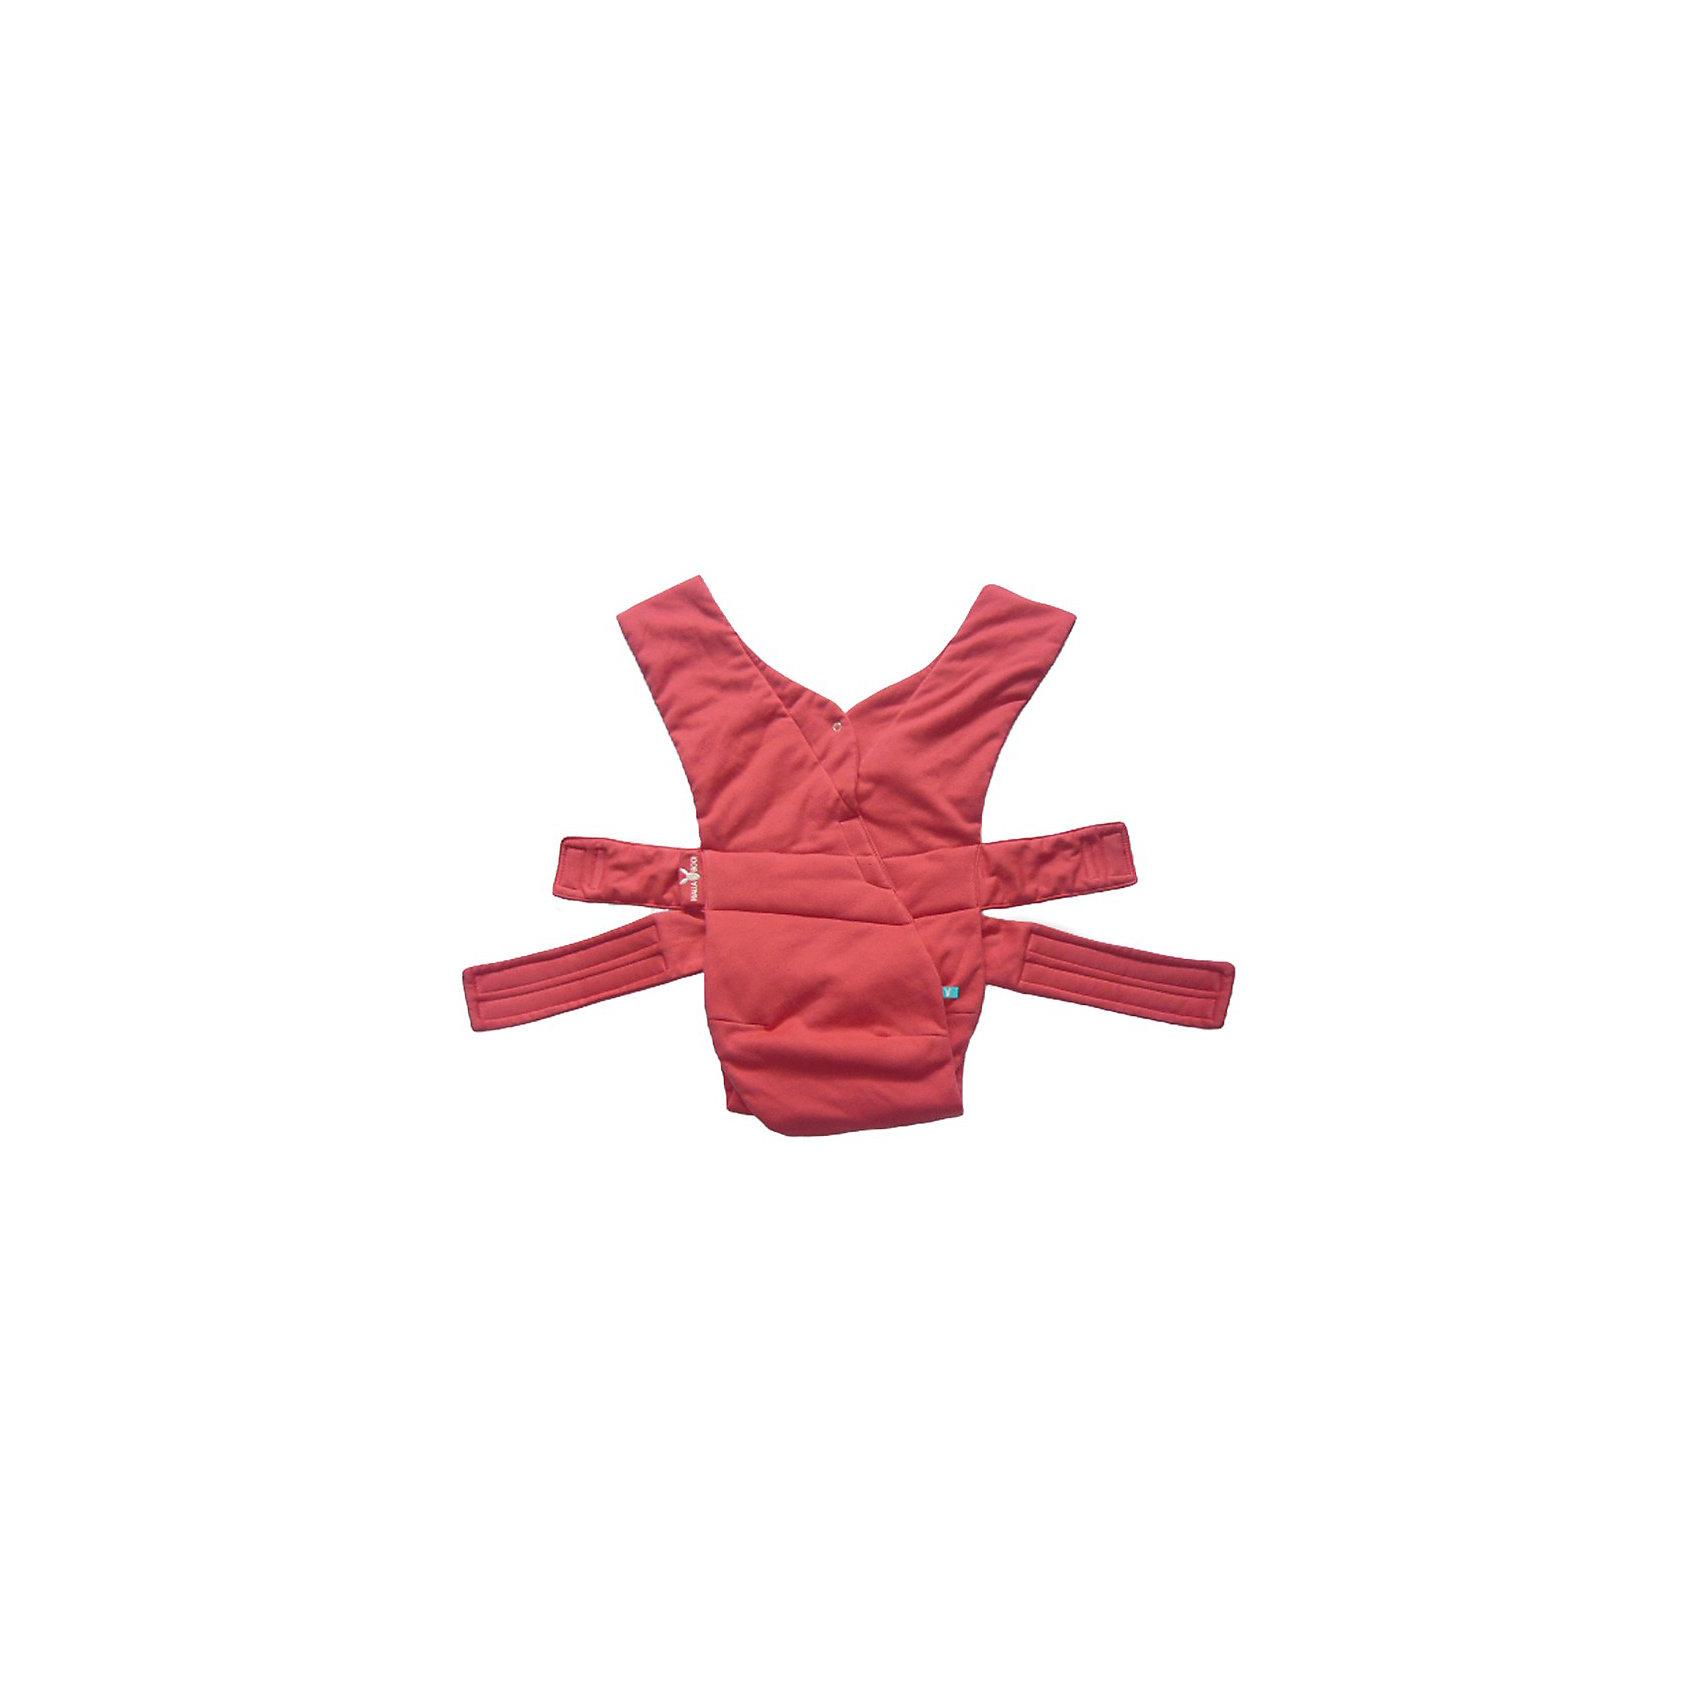 Рюкзак-переноска, Wallaboo, красныйСлинги и рюкзаки-переноски<br>Рюкзак-переноска, Валлабу, красный – новинка от Wallaboo, эксперта в производстве качественных, стильных и удобных товаров для мам и малышей. Рюкзак подарит комфорт малышу и обеспечит удобство передвижения маме.<br>Современный эргономичный рюкзак-переноска от Wallaboo придуман для заботливых родителей и чудесных малышей, в нем  использованы преимущества разнообразных видов рюкзаков–переносок и устранены любые неудобства для мамы или малыша. Это изделие Вы сможете быстро и легко приспособить к своей фигуре. Благодаря мягкому натуральному материалу оригинальный рюкзак от Wallaboo (Валлабу) будет намного комфортнее любой модели рюкзака, сделанной из полиэстера. Он выполнен из прочного 100% хлопка, пропускающего воздух. Широкие ремни на плечах и уникальное решение с перекрестными ремнями на спине обеспечат оптимальное распределение нагрузки. Легкий и компактный рюкзак удобно взять с собой в путешествие или на прогулку. Стильный и оригинальный двухцветный дизайн подчеркнет ваш модный и динамичный образ.<br><br>Дополнительная информация:<br><br>- Материал: 100% двусторонний хлопковый трикотаж<br>- Испытания на безопасность: материалы и готовое изделие соответствуют сертификату качества ЕС (BS EN 13209-2)<br>- Особенности: широкая поддерживающая часть под ягодицами и коленками малыша обеспечивает правильное разведение ножек ребенка в эргономичной позе<br>- Регулировка: простая и быстрая при помощи надежных и безопасных застежек-липучек высокого качества, рюкзак растет вместе с Вашим малышом<br>- Использование: легкий и компактный рюкзак удобно взять с собой в путешествие или на прогулку; малыш может находиться в двух естественных положениях «лицом к маме» и «лицом вперед»<br>- Стильный двухцветный дизайн помогает легко отличить лицевую сторону рюкзака от изнанки<br>- Инструкция-схема вшита внутри<br>- Размер: один универсальный размер<br>- Возраст: от рождения до 12 месяцев<br>- Вес ребенка: от 3,5 до 15 кг (